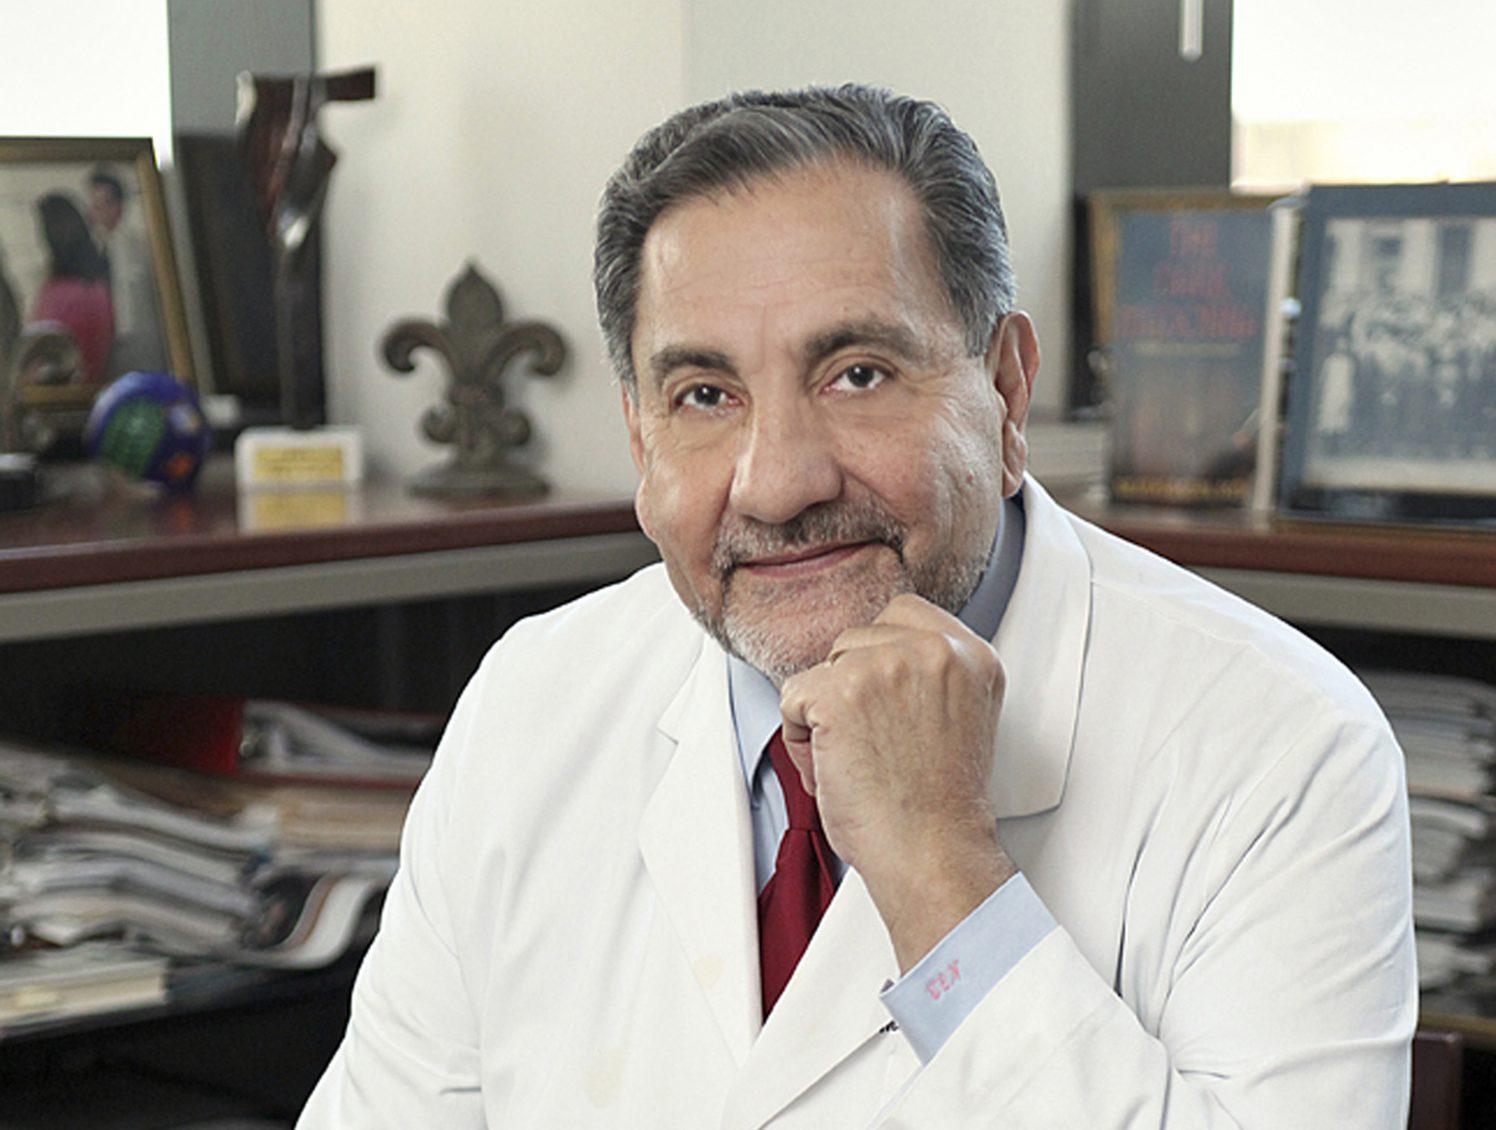 Руководитель исследования доктор Николас Базан.